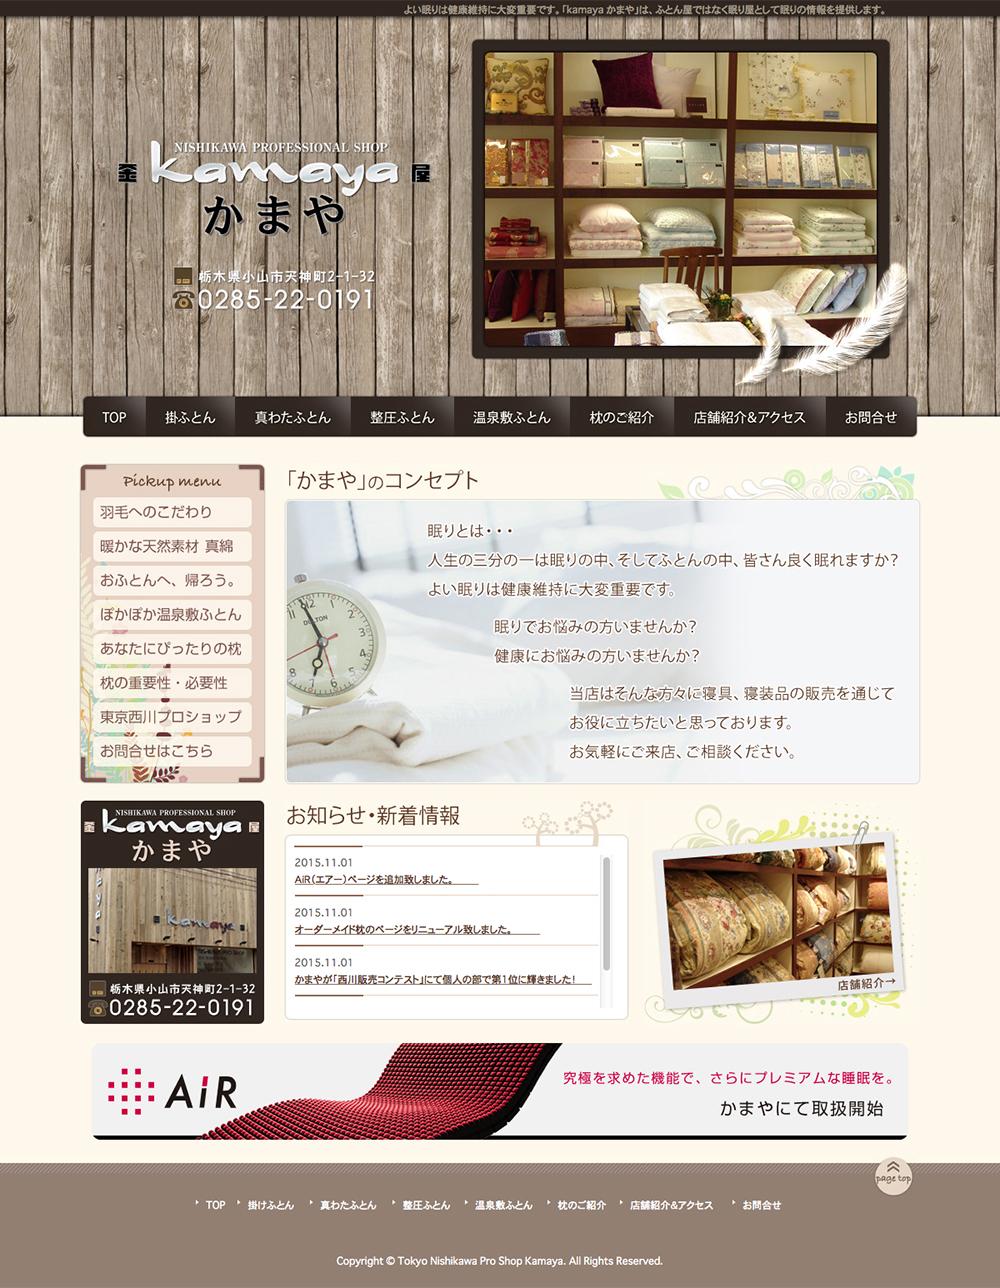 東京西川プロショップ かまや/2012